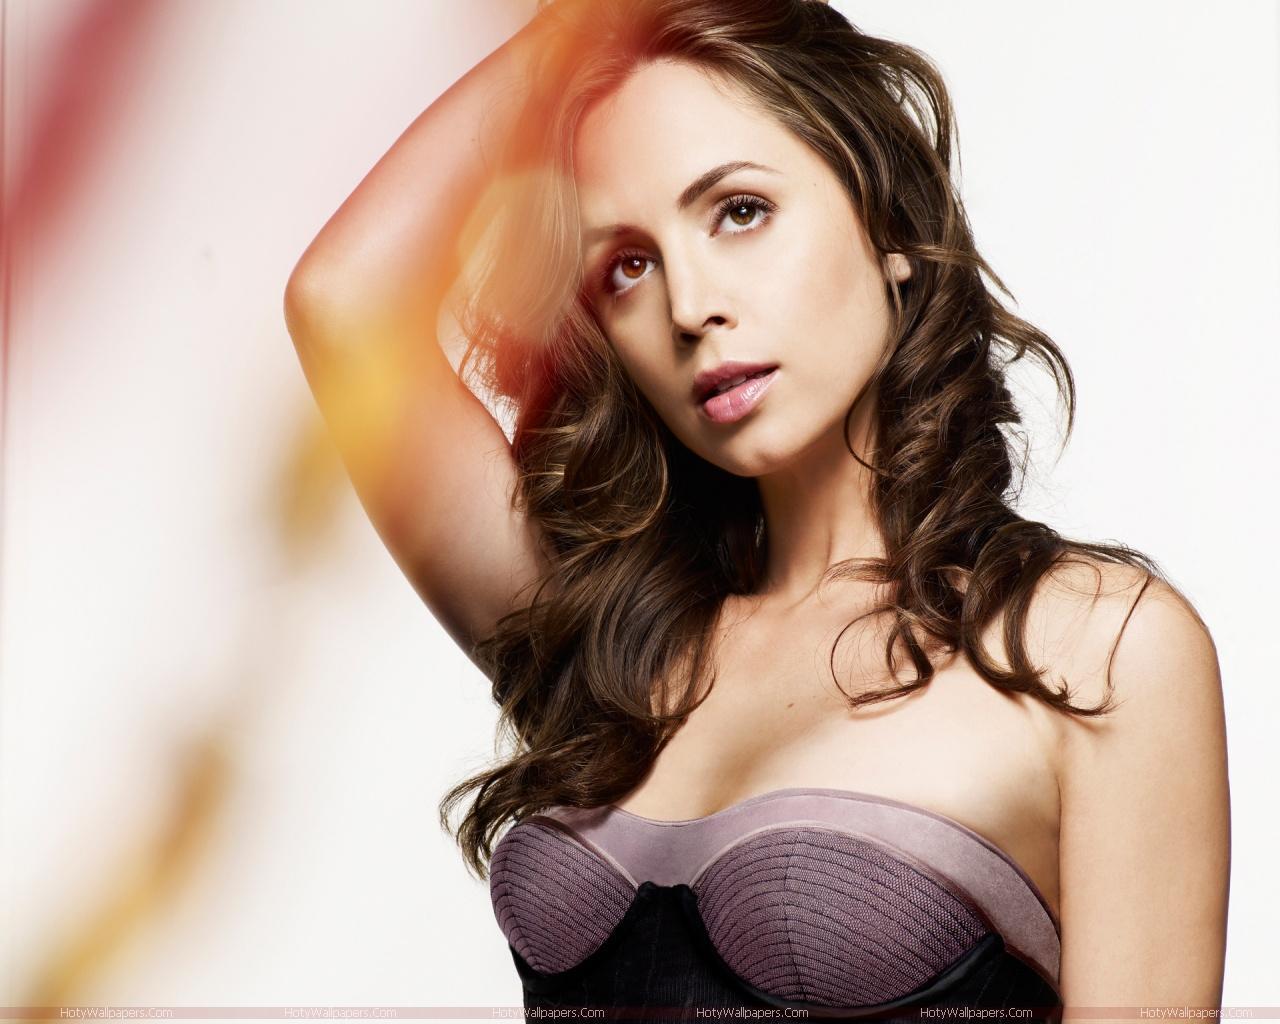 http://1.bp.blogspot.com/-QS7GBAXNXcE/Tk5-YA6kLbI/AAAAAAAAJRc/ajrA2kEVWVA/s1600/Eliza_Dushku_best_actress.jpg